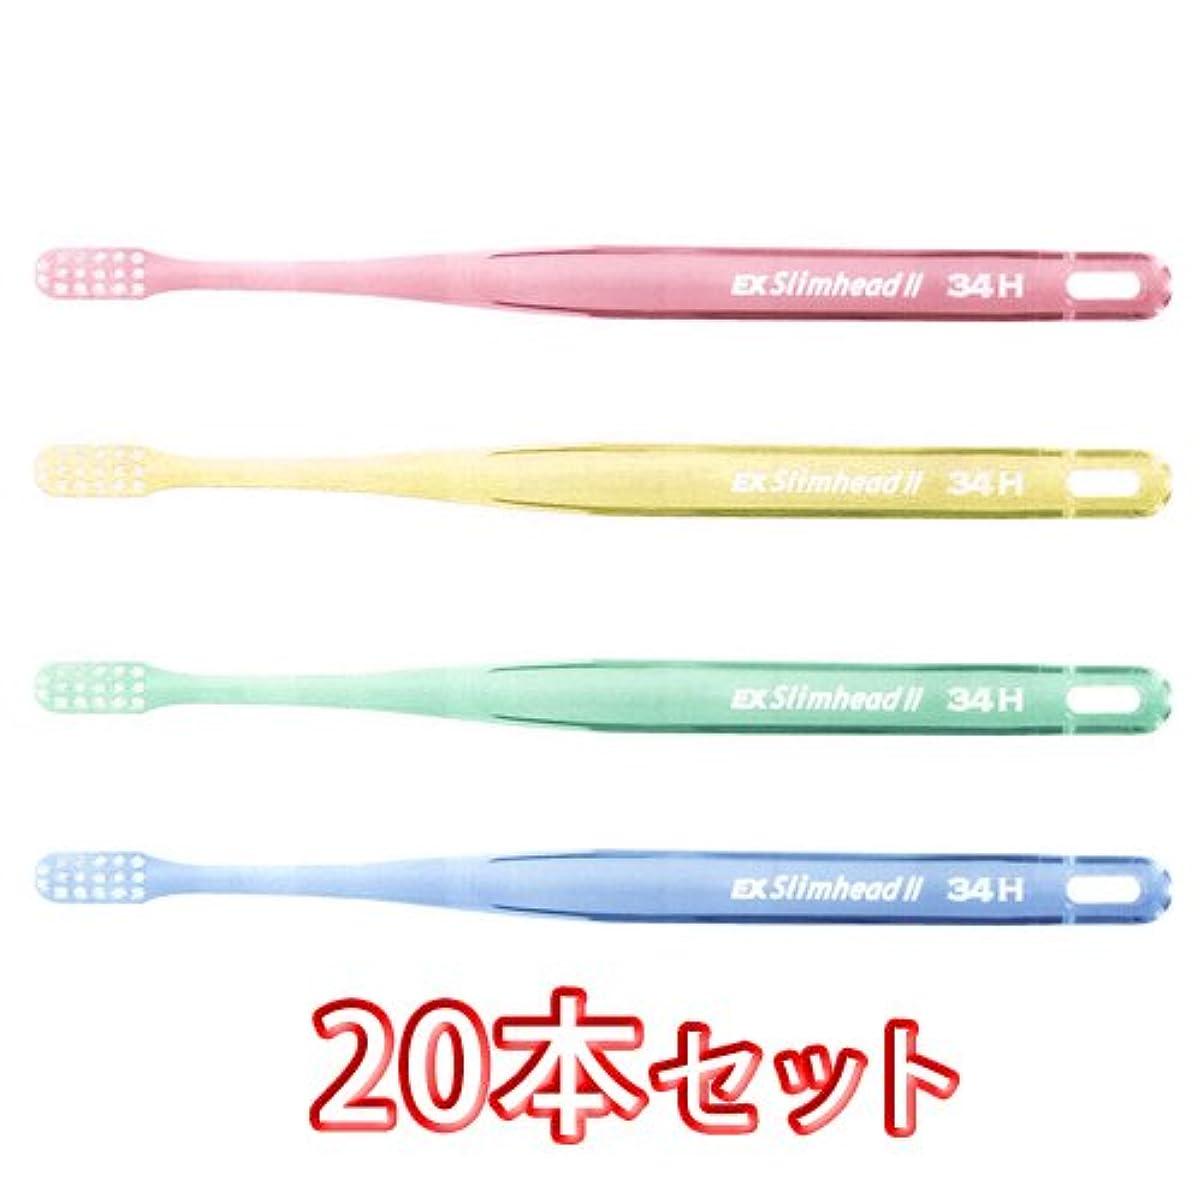 ベリー作家球体ライオン スリムヘッド2 歯ブラシ DENT . EX Slimhead2 20本入 (34H)